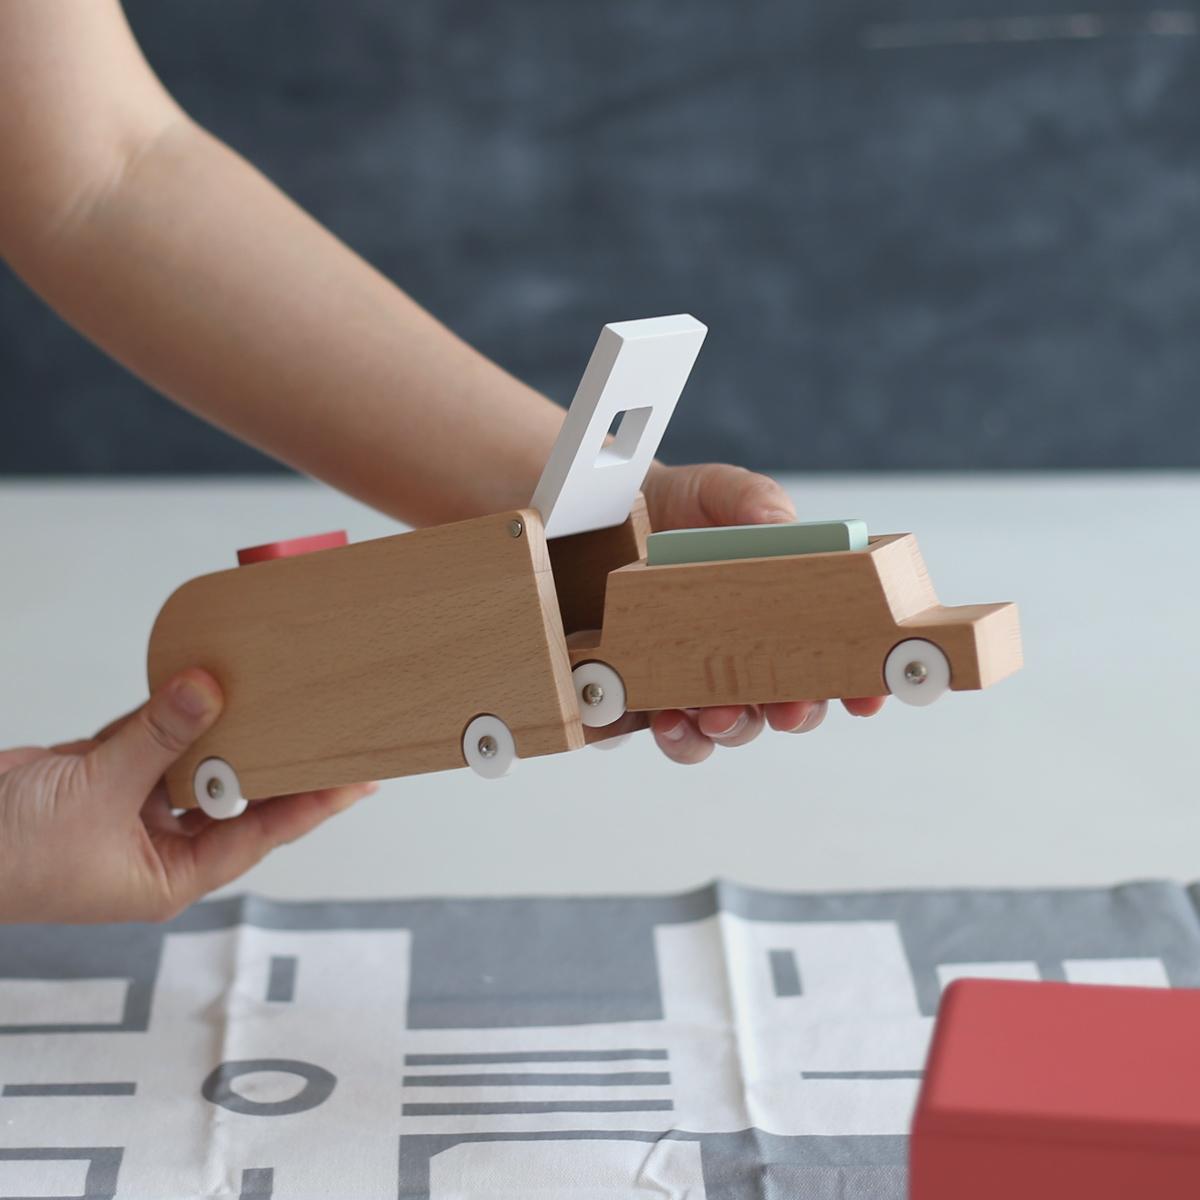 douの働く車のおもちゃセット ide inの通販。お誕生日プレゼントや御出産祝に人気